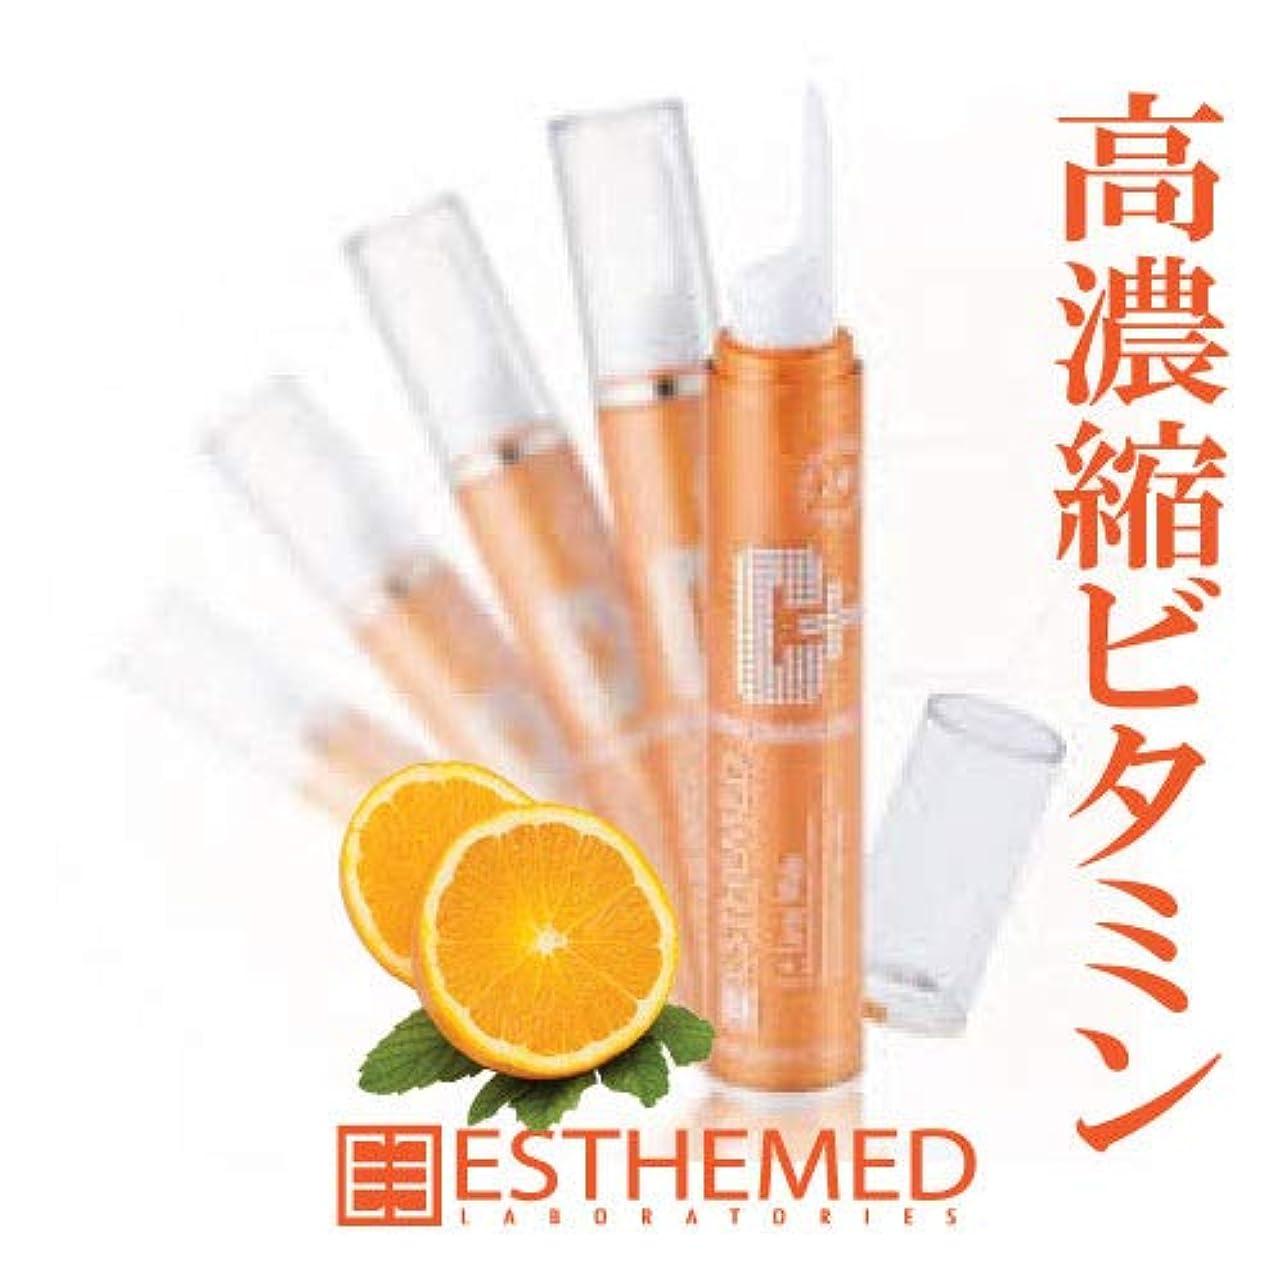 それに応じて電子レンジロースト[ESTHEMED][エステメド]純粋なビタミンCの驚くホワイトニングC+レーザーホワイト15ml/ビタミン、Whitening、レーザ